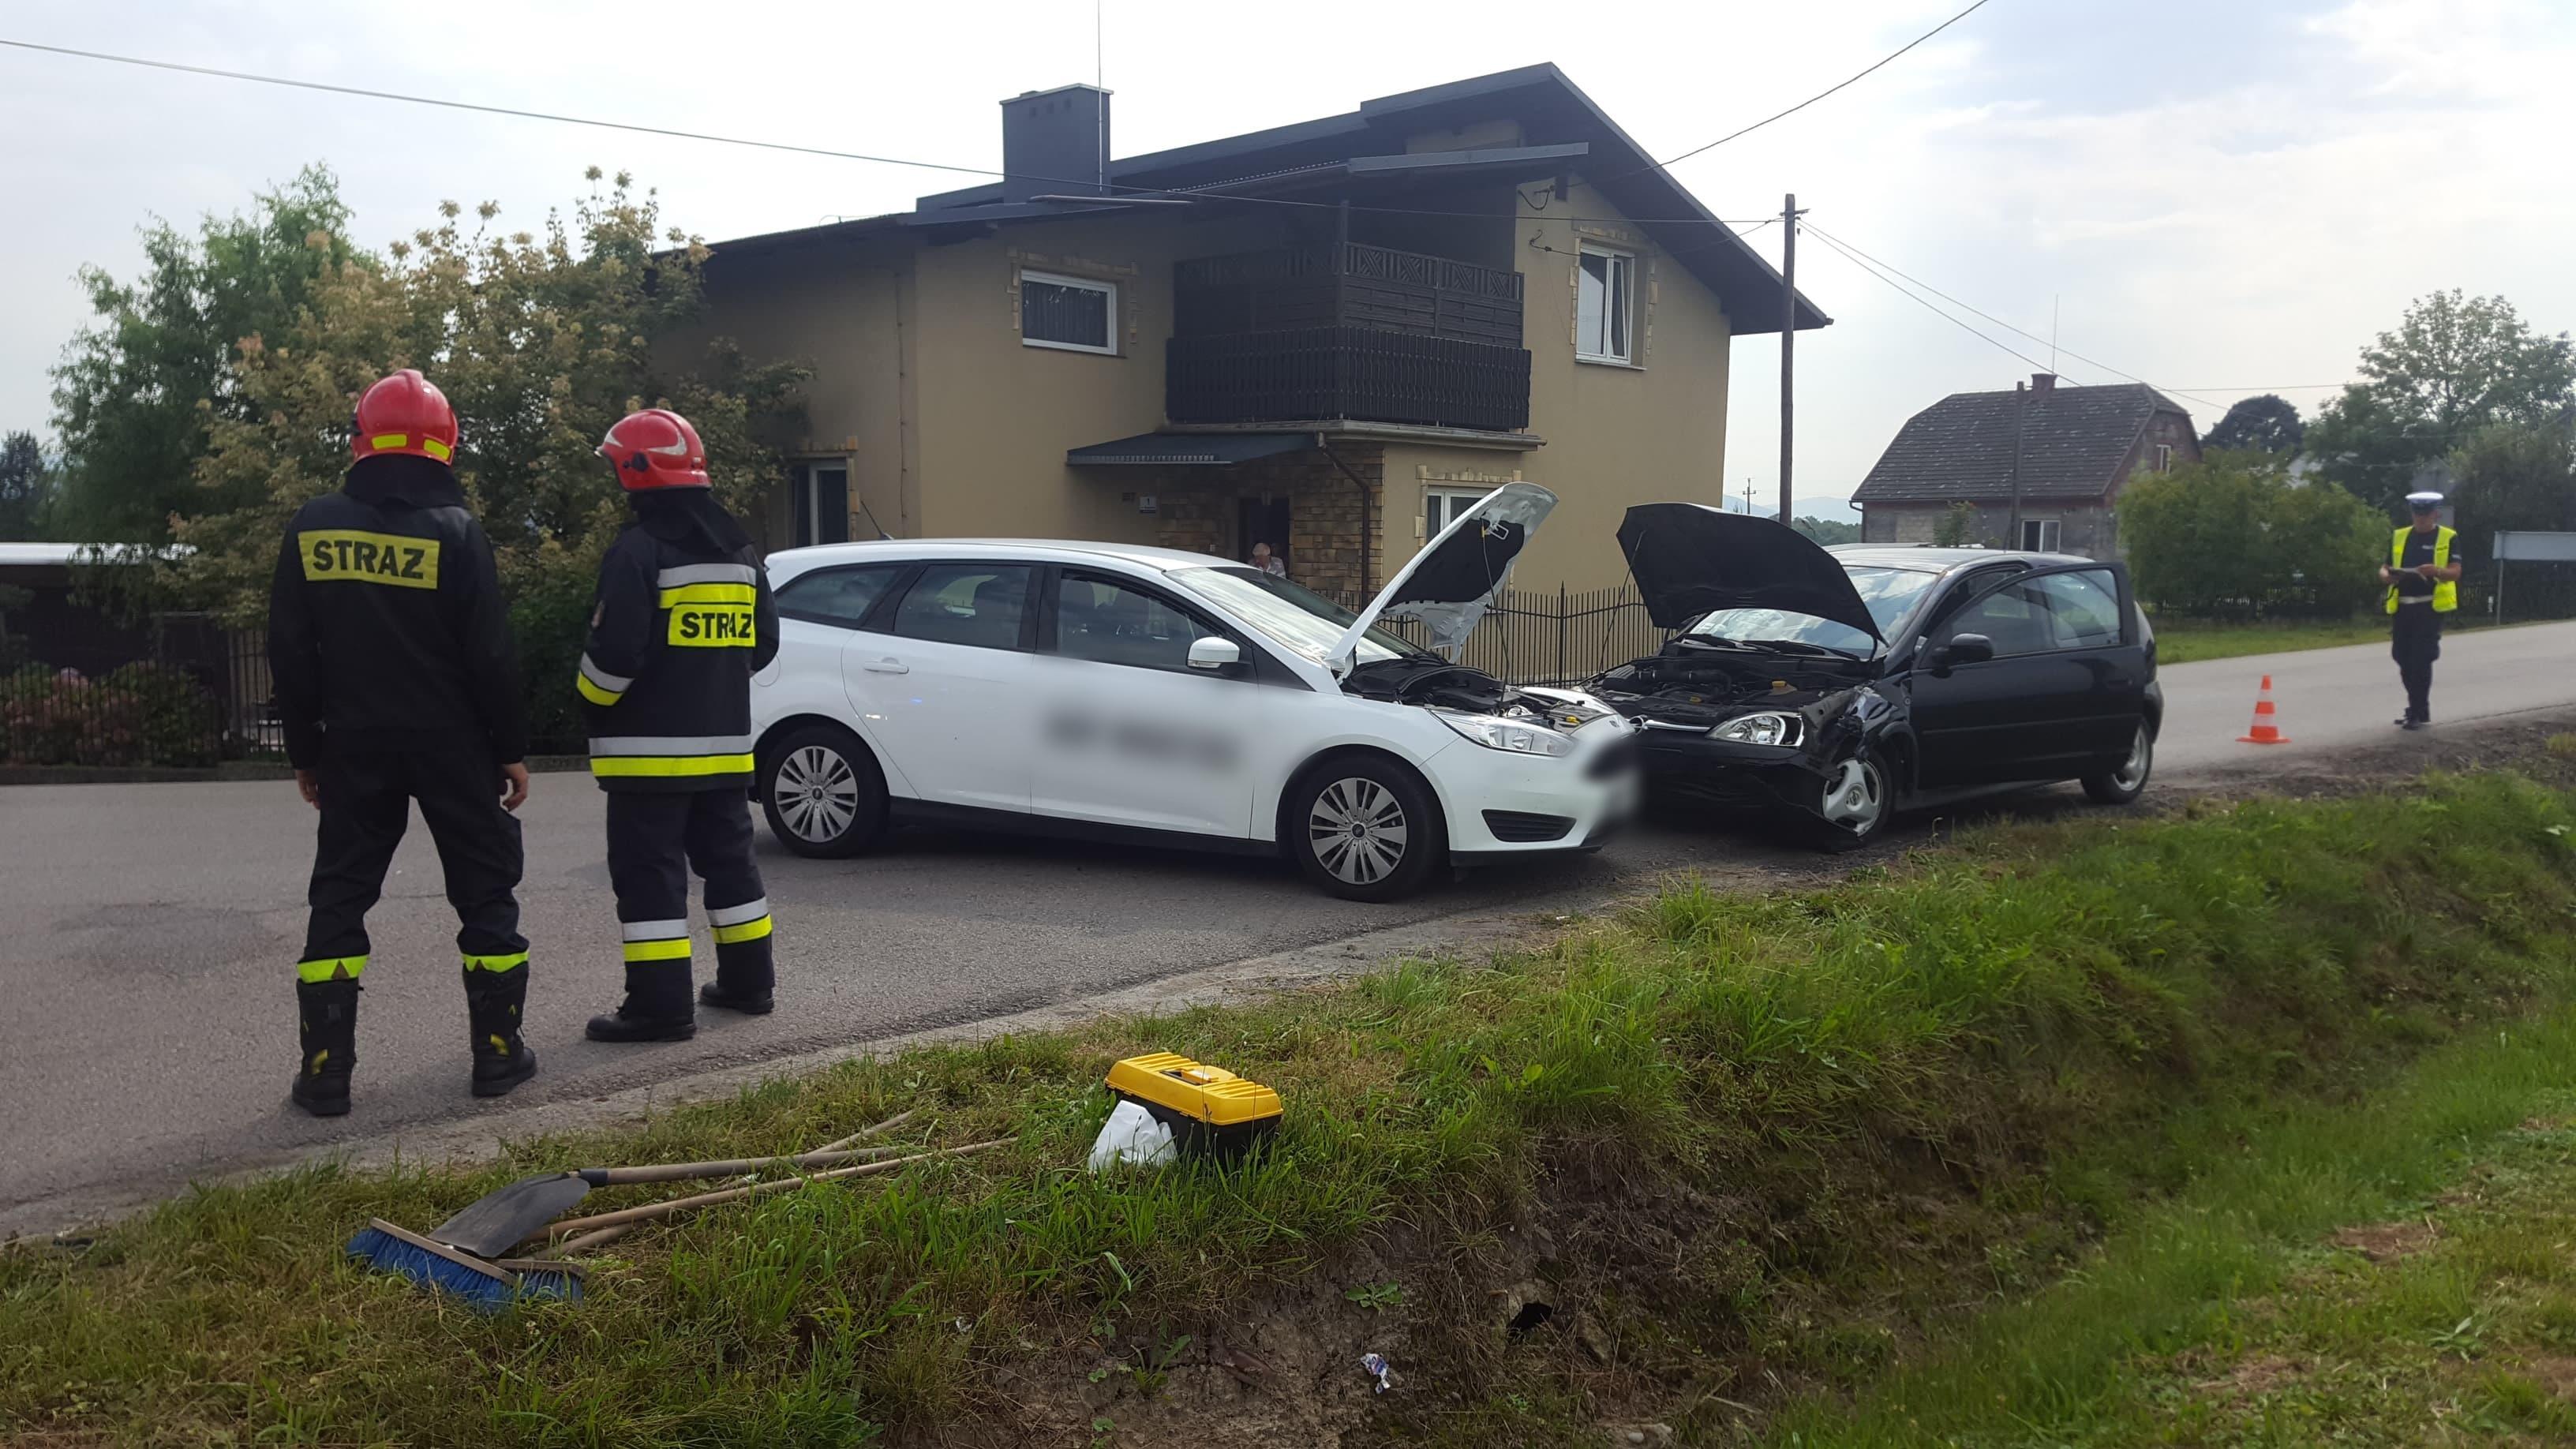 Dwa samochody roztrzaskane na kolizyjnym skrzyżowaniu w Gierałtowicach [FOTO]